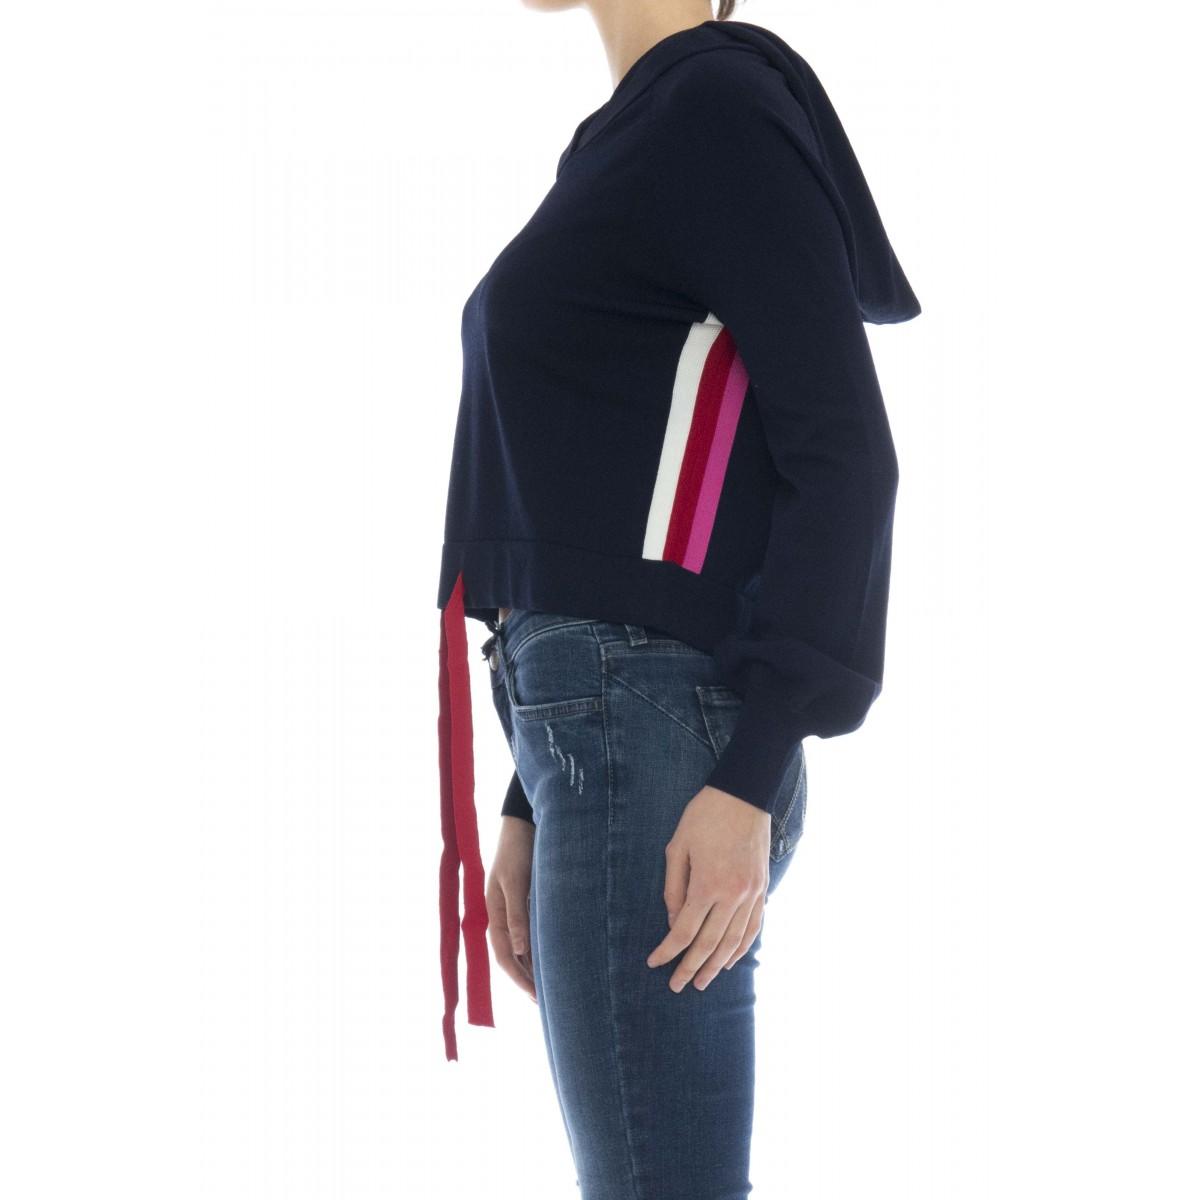 Maglieria - Kinder maglia punto milano con cappuccio